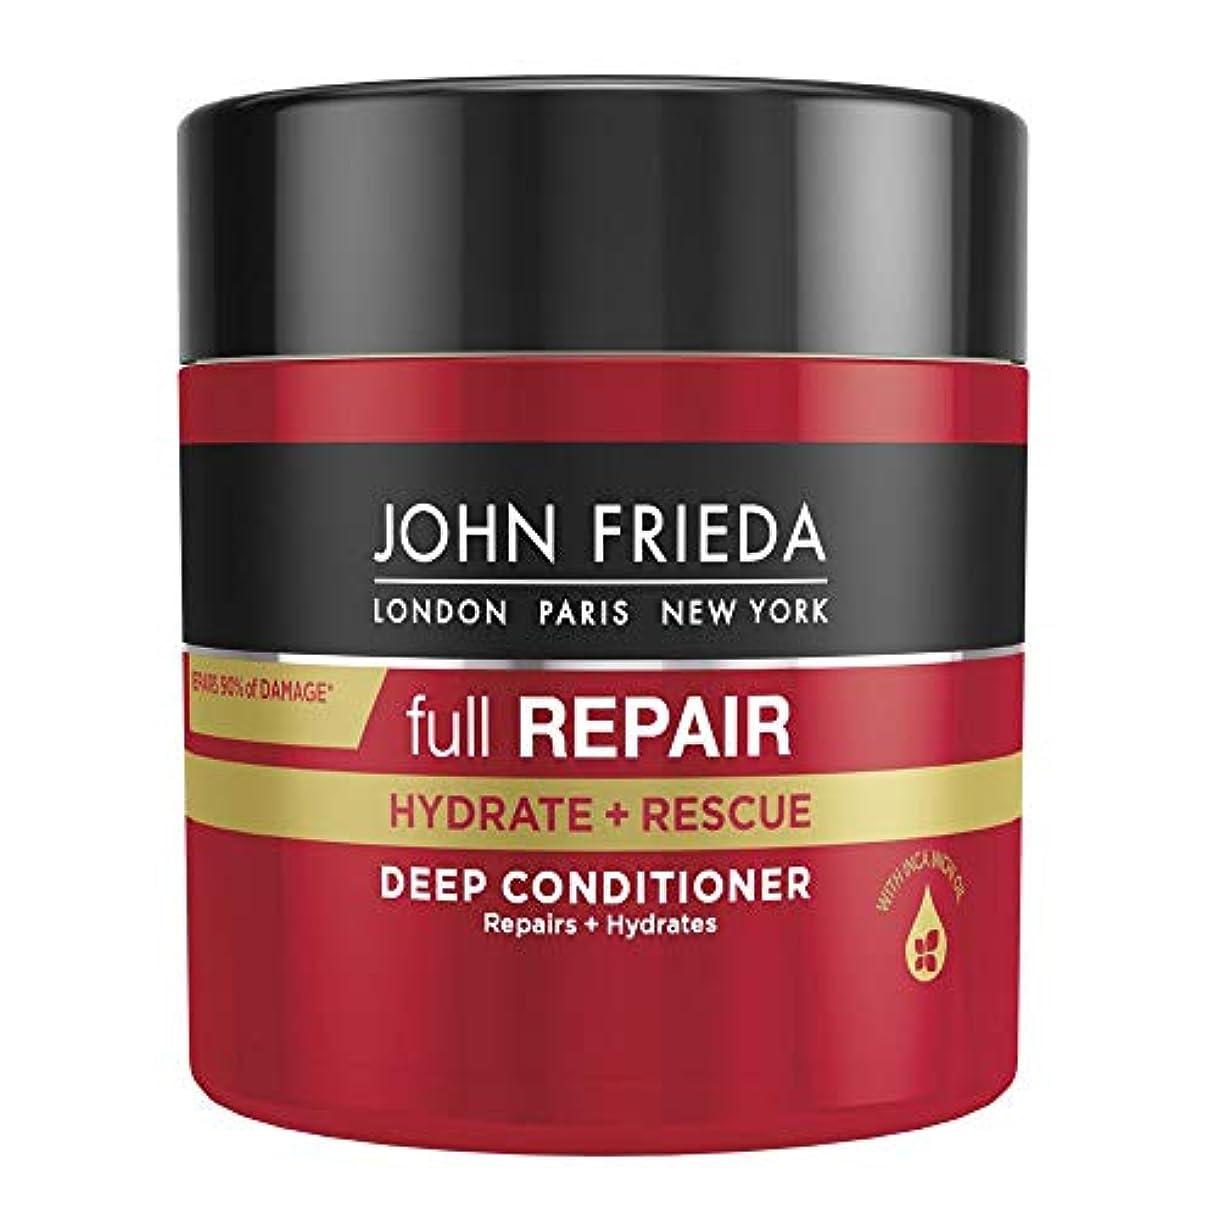 昇るブルーム追い越すJohn Frieda? Full Repair(TM) Deep Conditioner 150ml